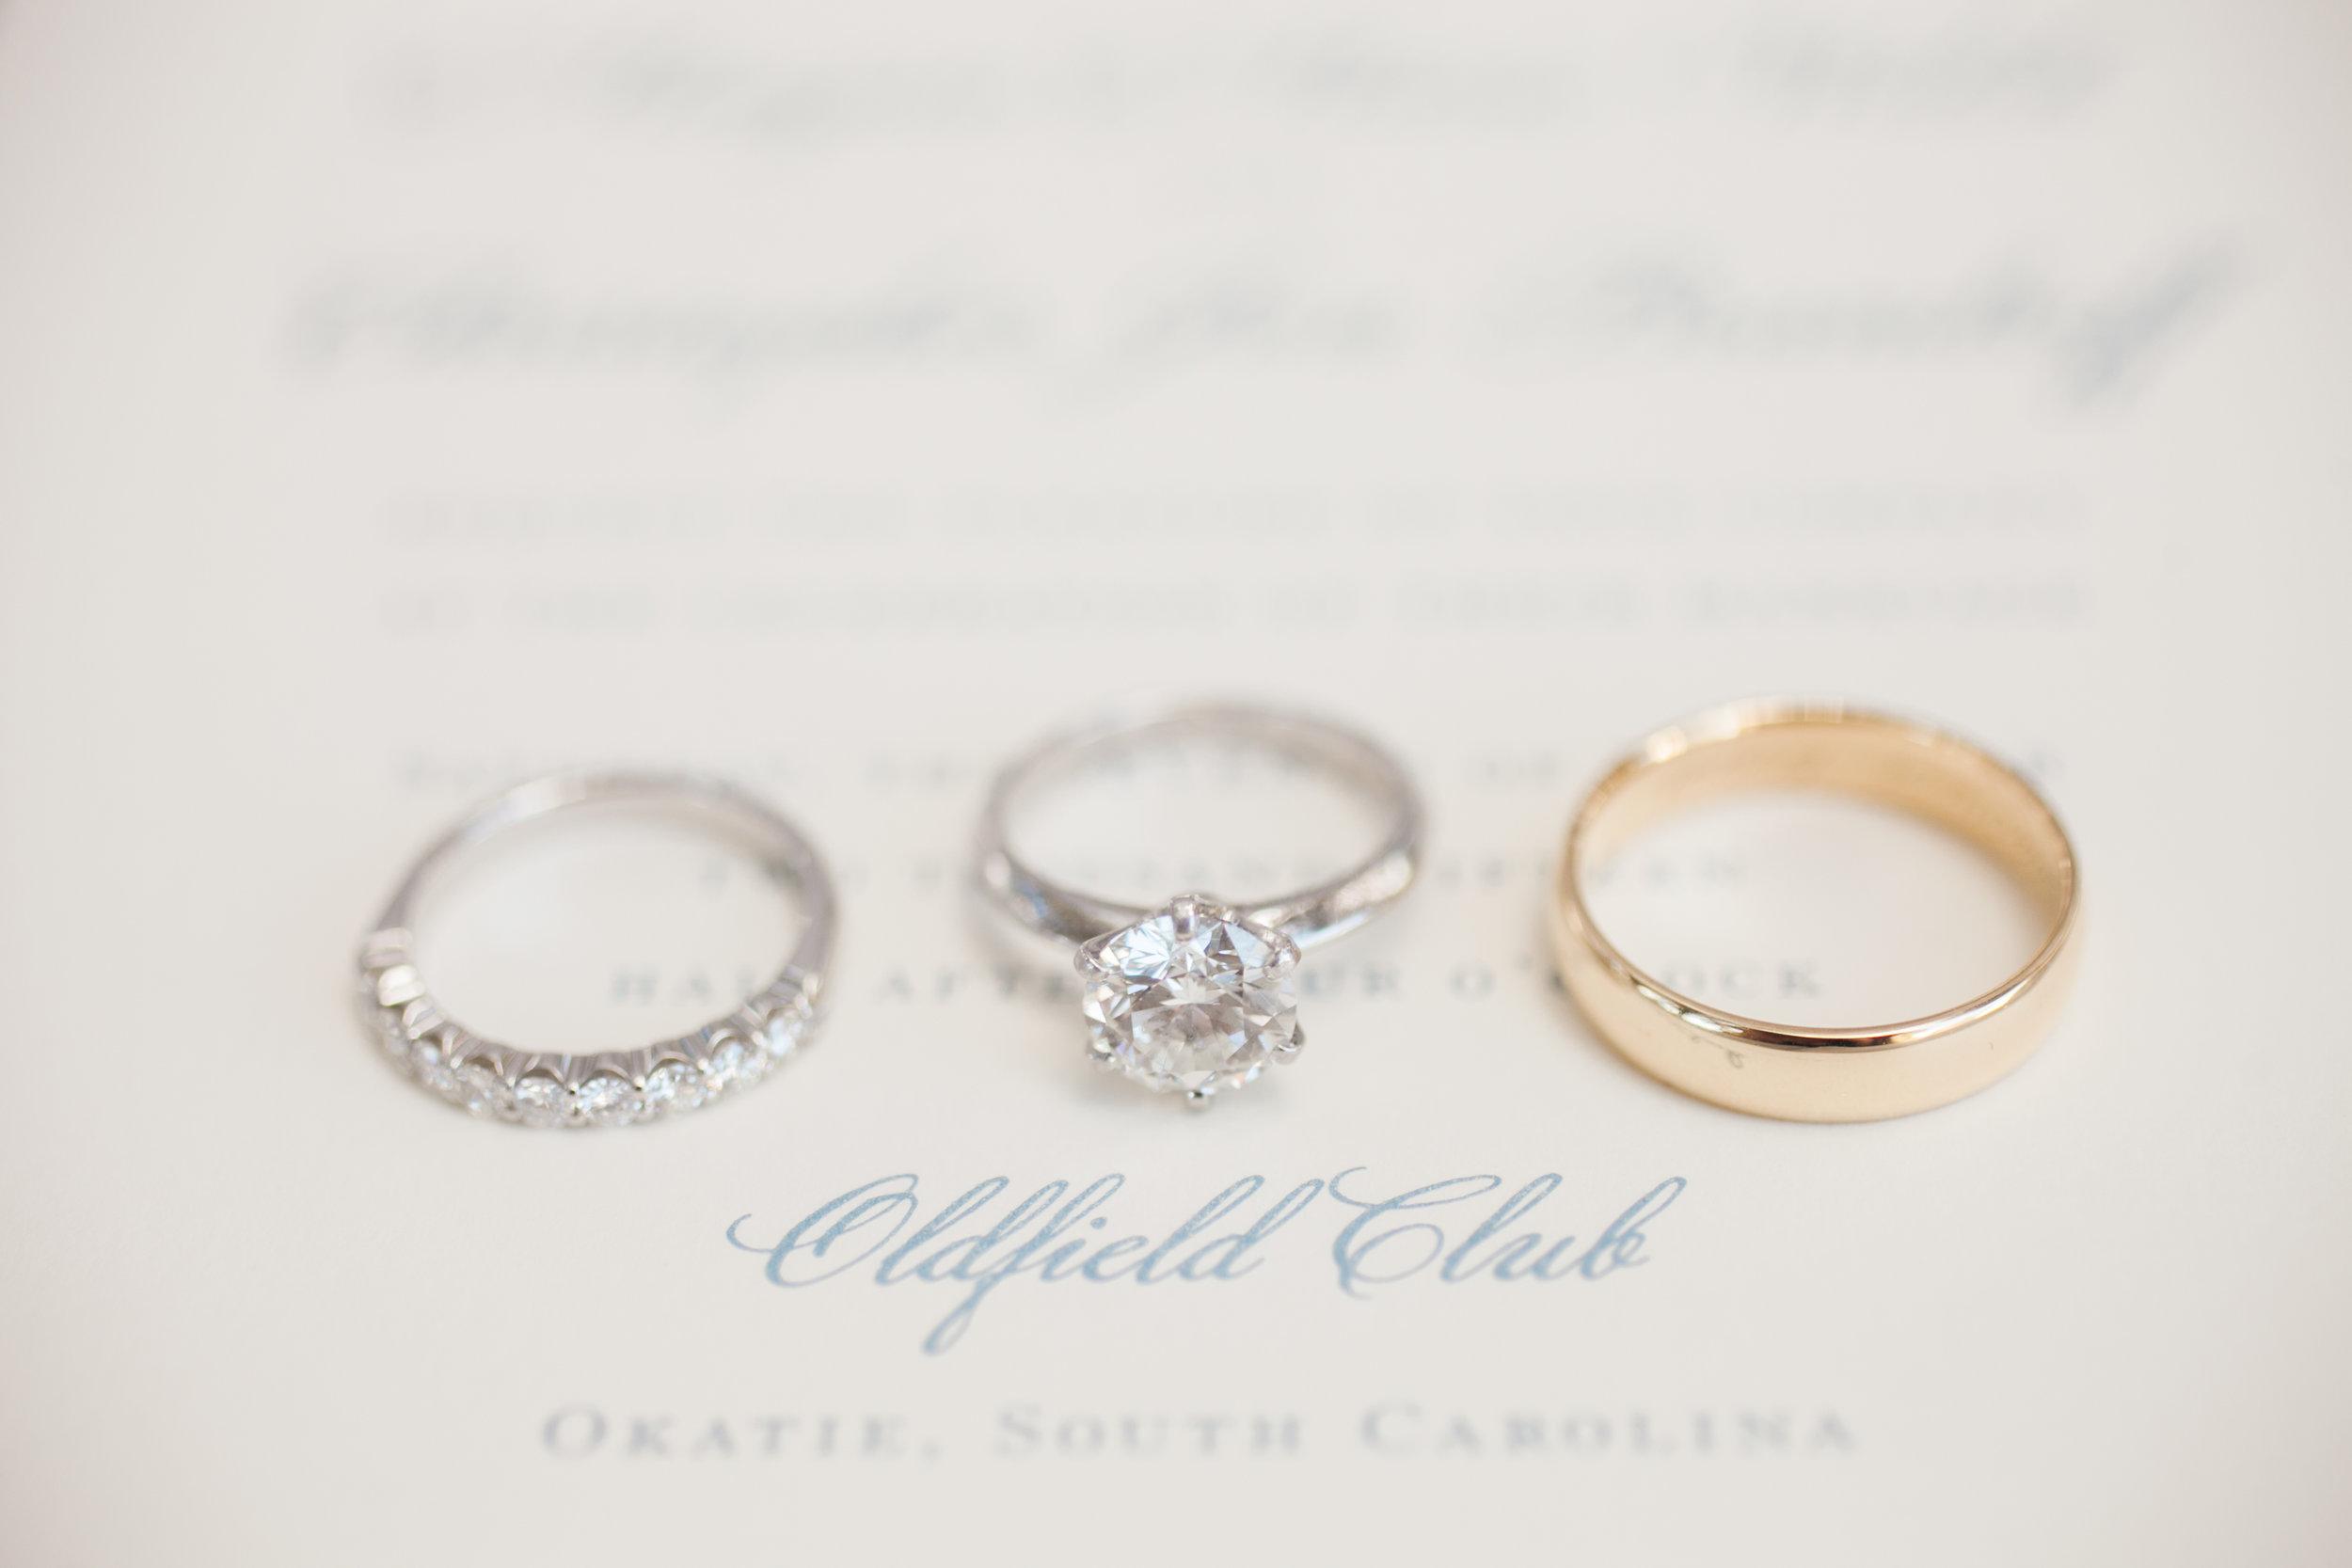 Grey & Peach Oldfield Club wedding by Ashley Seawell Photography